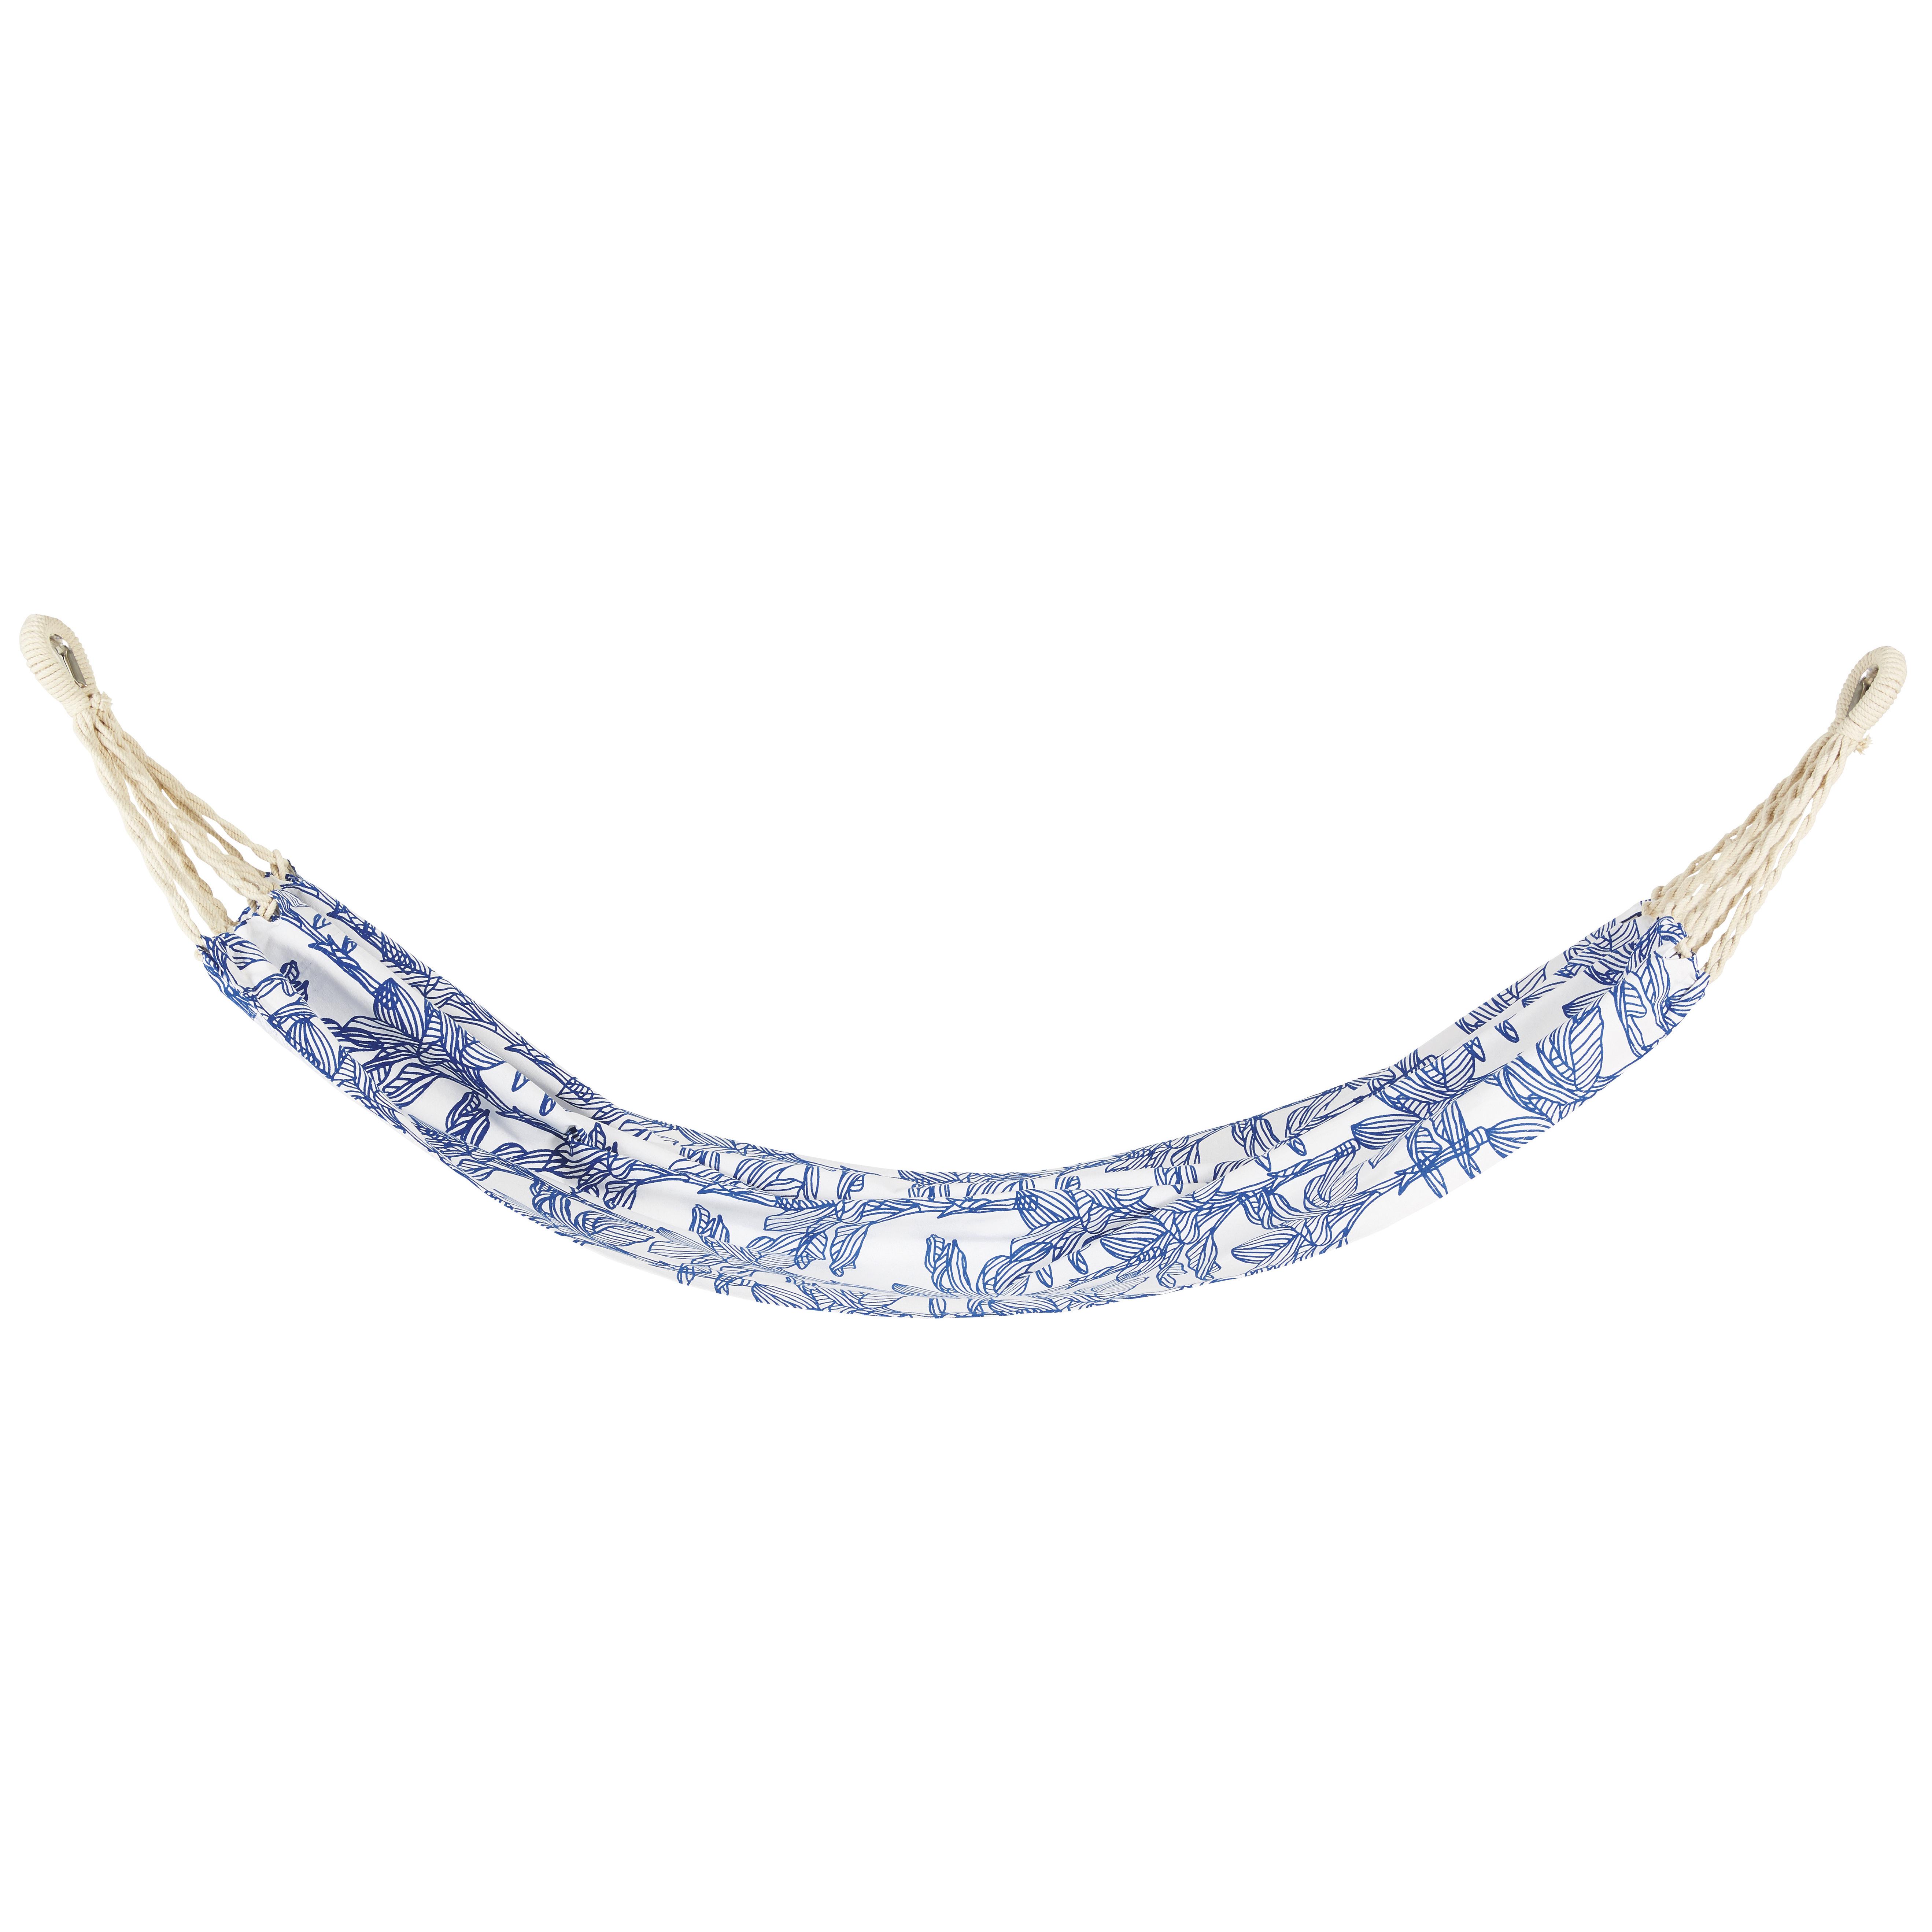 Hamaca de algodón estampado azul y blanco